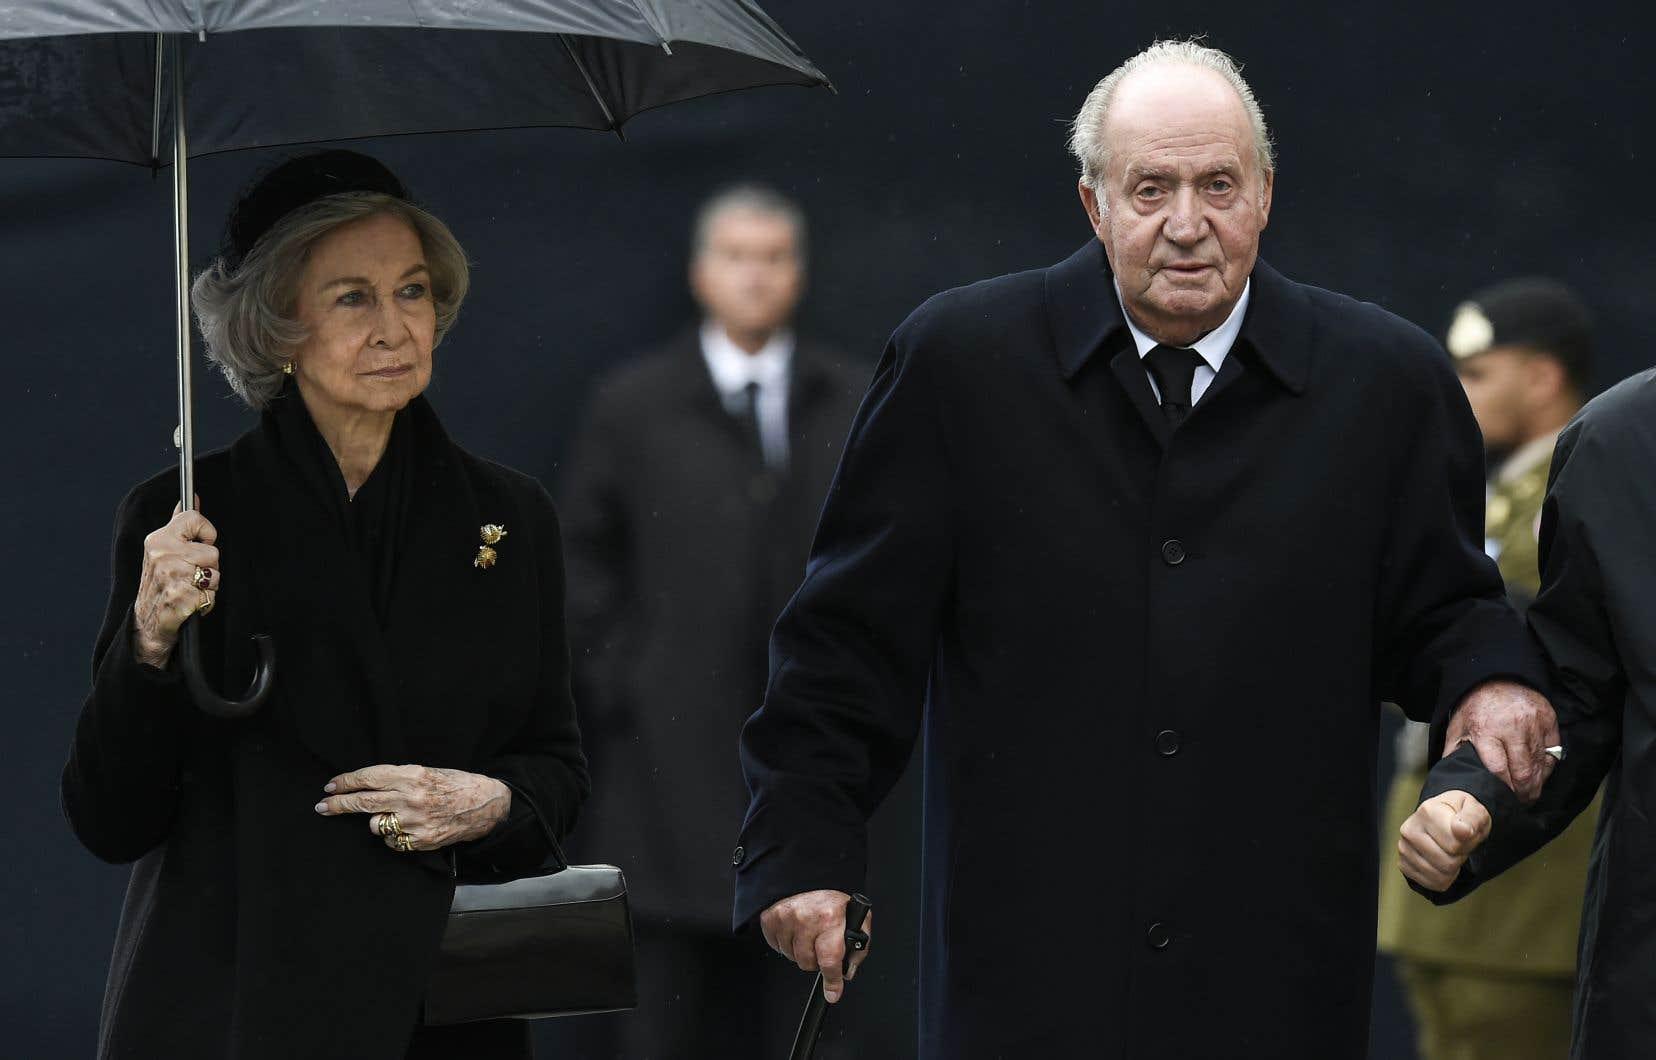 L'ancien monarque, âgé de 82ans, a annoncé sa décision de quitter l'Espagne à son fils, le roi Felipe VI, qui l'a acceptée et l'en a remercié dans un communiqué publié par la Maison Royale.